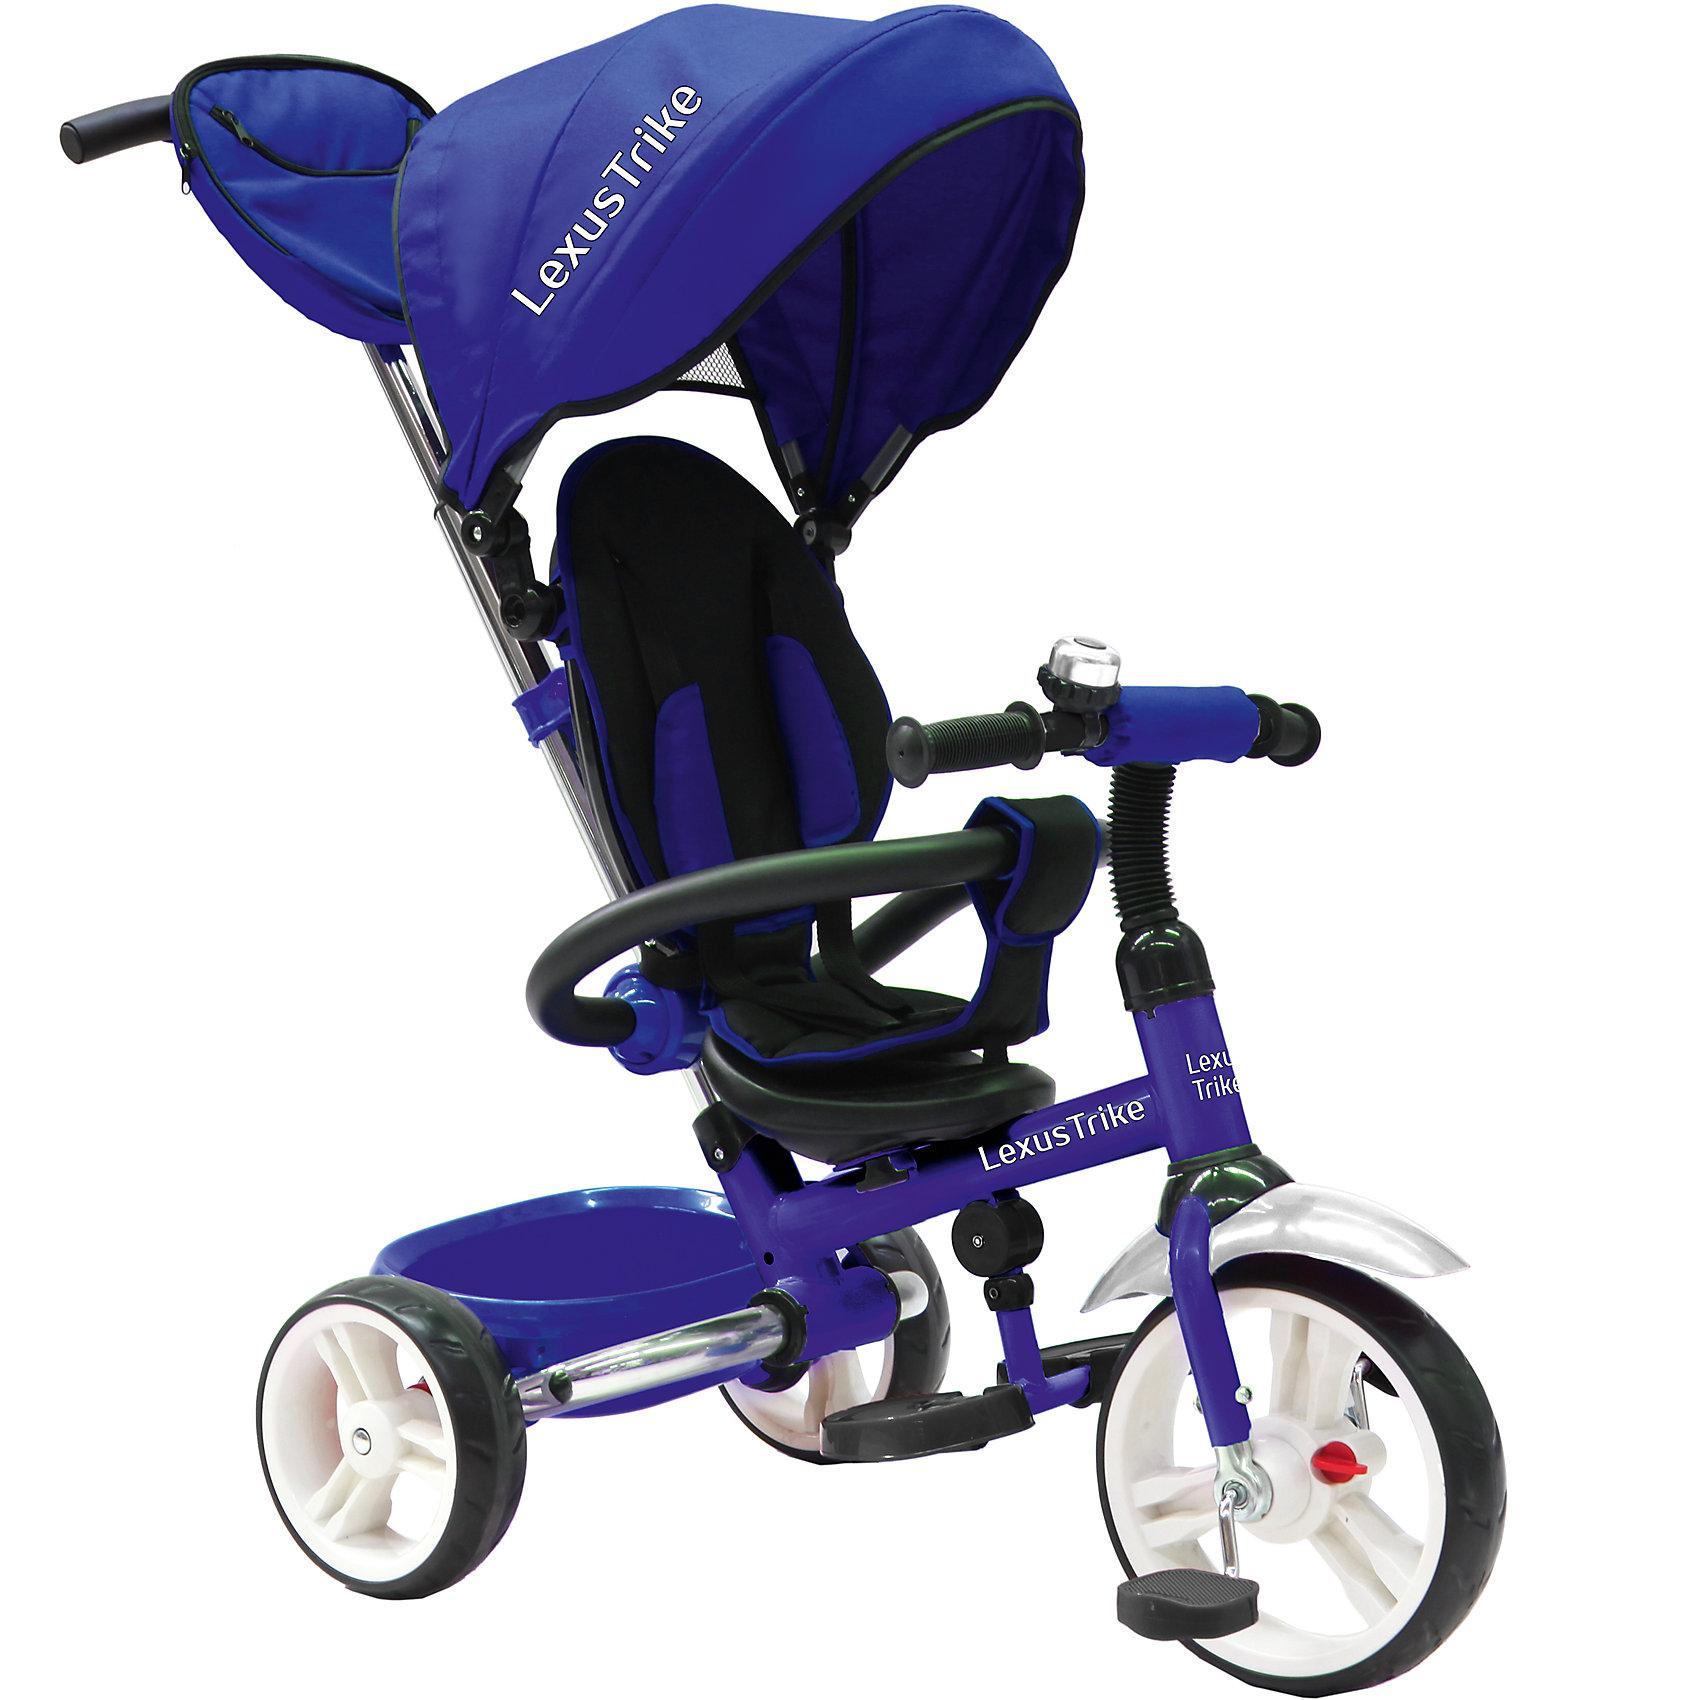 Трехколесный велосипед LD 3-в-1, с ручкой, Lexus Trike, синийДетский складной трехколесный велосипед Lexus Trike LD синего цвета 3 в 1 c ручкой управления.<br>- ПВХ колеса: передние 25 см (10) с функцией свободного хода, задние 20 см (8),<br>- складная задняя ось позволяет удобно транспортировать велосипед в багажнике автомобиля,<br>- телескопическая родительская ручка с мягкими рукоятками из пористой резины и сумочкой,<br>- широкая, обтянутая мягкой тканью, съемная спинка с регулируемым углом наклона (2 положения),<br>- складная подставкя для ног;<br>- складной и съемный тент колясочного типа,<br>- сидение с мягкой накладкой,<br>- пятиточечные ремни безопасности,<br>- стопоры задних колёс,<br>- поворотная рычаг-спица находится внутри рамы,<br>- раздвижная дуга безопасности с мягкими подлокотниками из пористой резины,<br>- пластиковая багажная корзина,<br>- звонок на руле,<br>- цветная коробка.<br><br>Ширина мм: 700<br>Глубина мм: 270<br>Высота мм: 440<br>Вес г: 11000<br>Возраст от месяцев: 12<br>Возраст до месяцев: 60<br>Пол: Унисекс<br>Возраст: Детский<br>SKU: 5422919